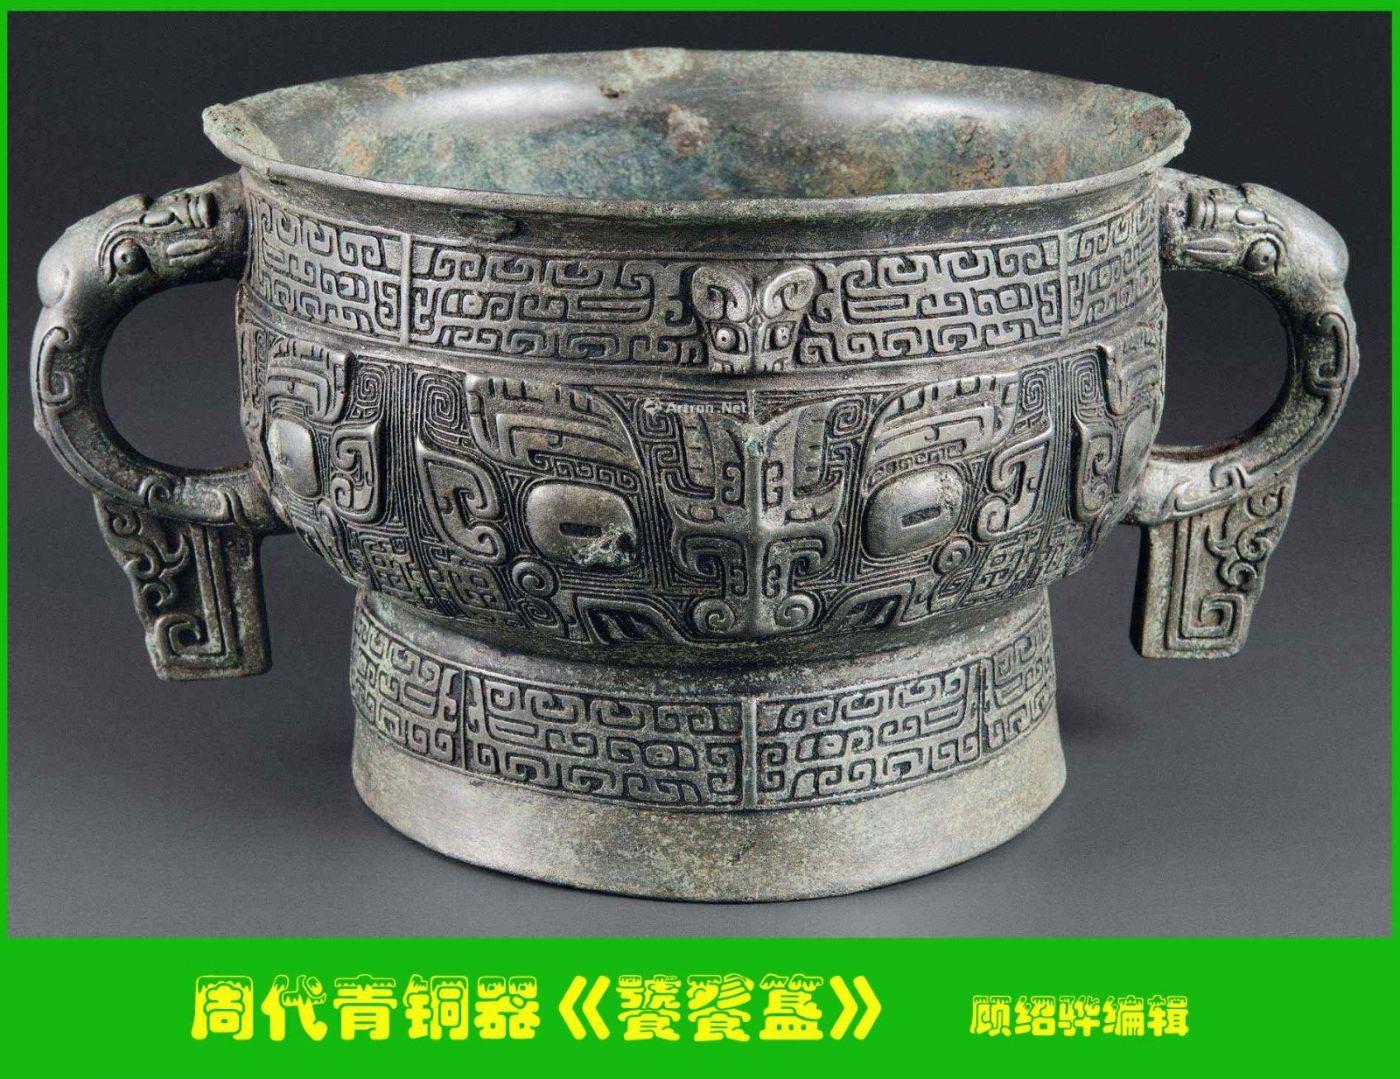 双语版·中国书画作品欣赏之我见——中国画(今译)三_图1-1